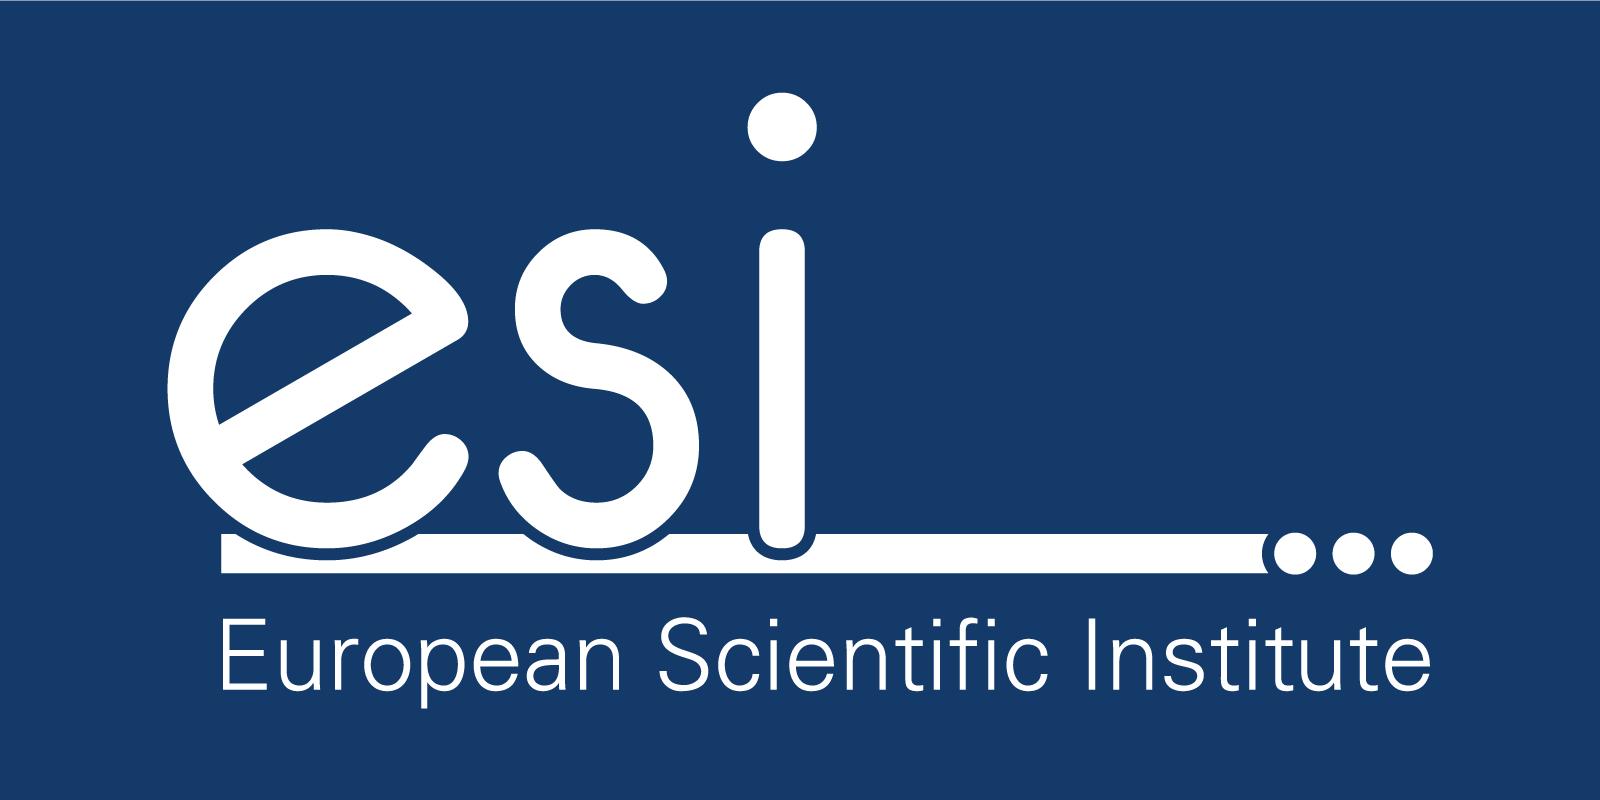 logo for European Scientific Institute